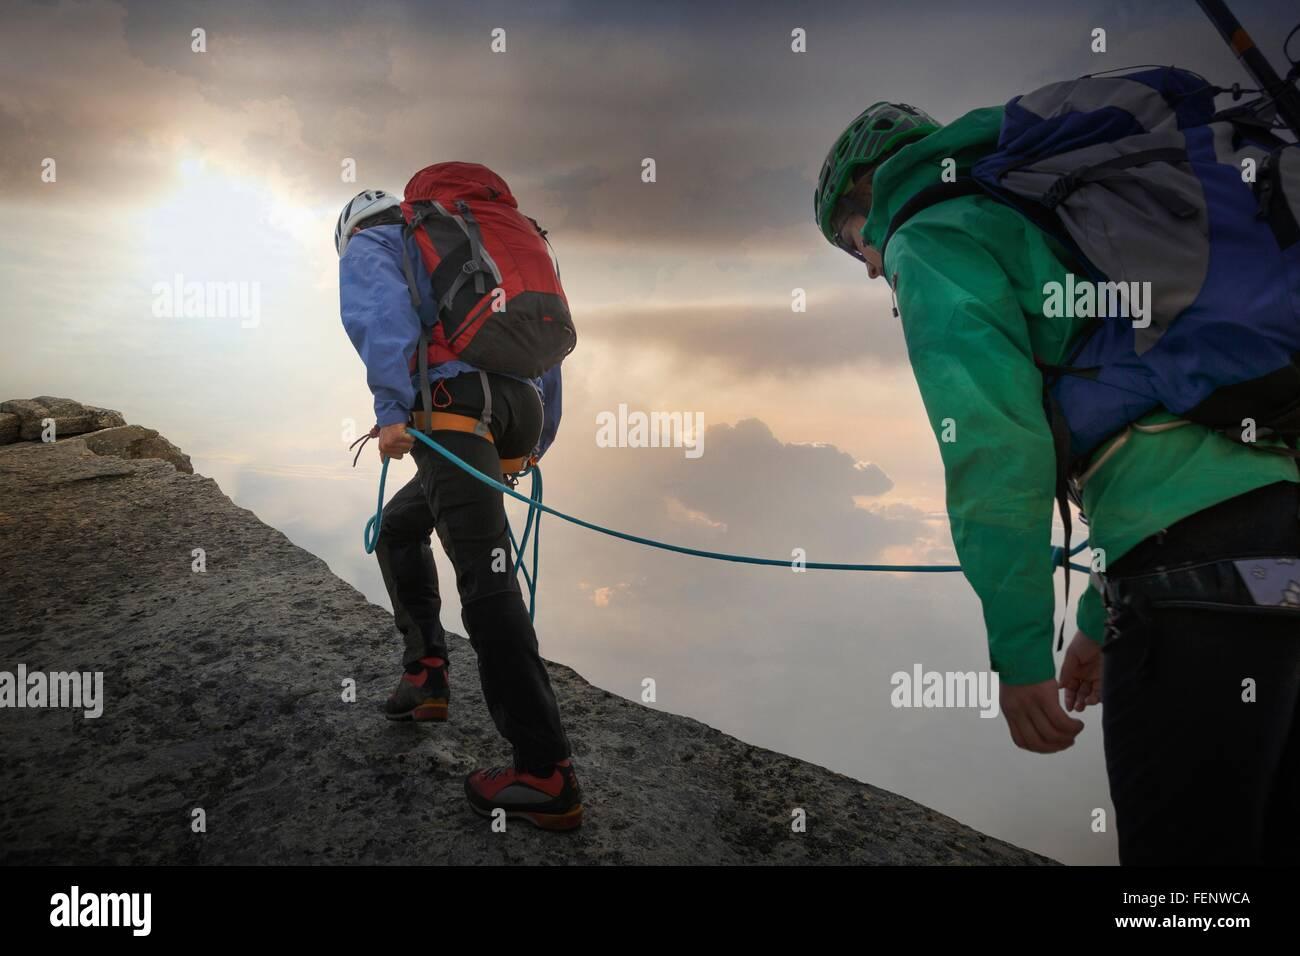 Grimpeurs sur la crête de la montagne, Mont Blanc, France Photo Stock